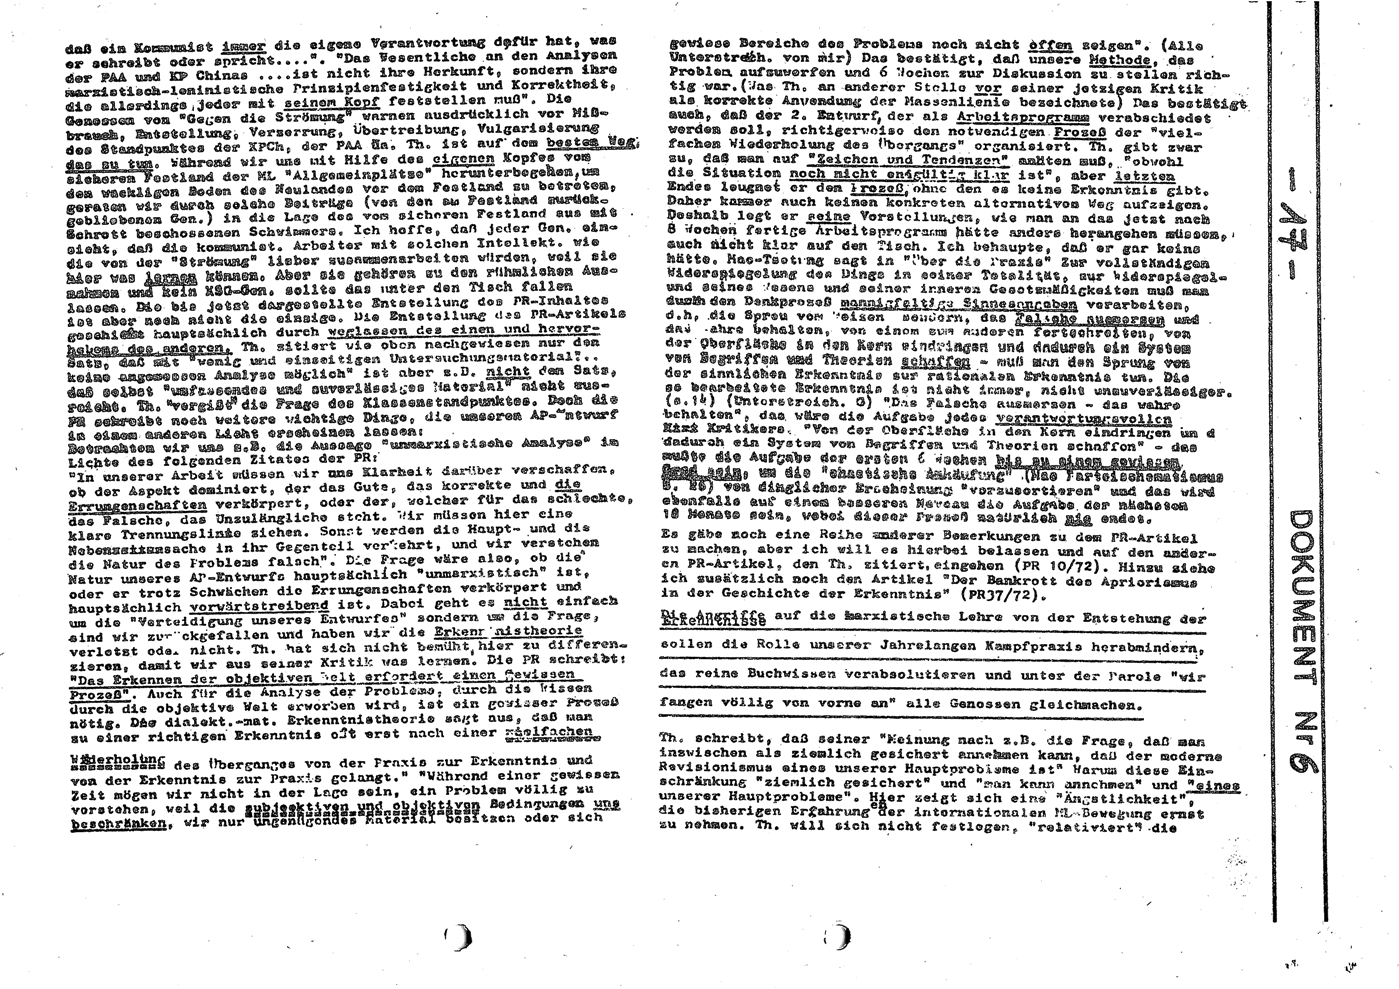 KABRW_Arbeitshefte_1977_24_017